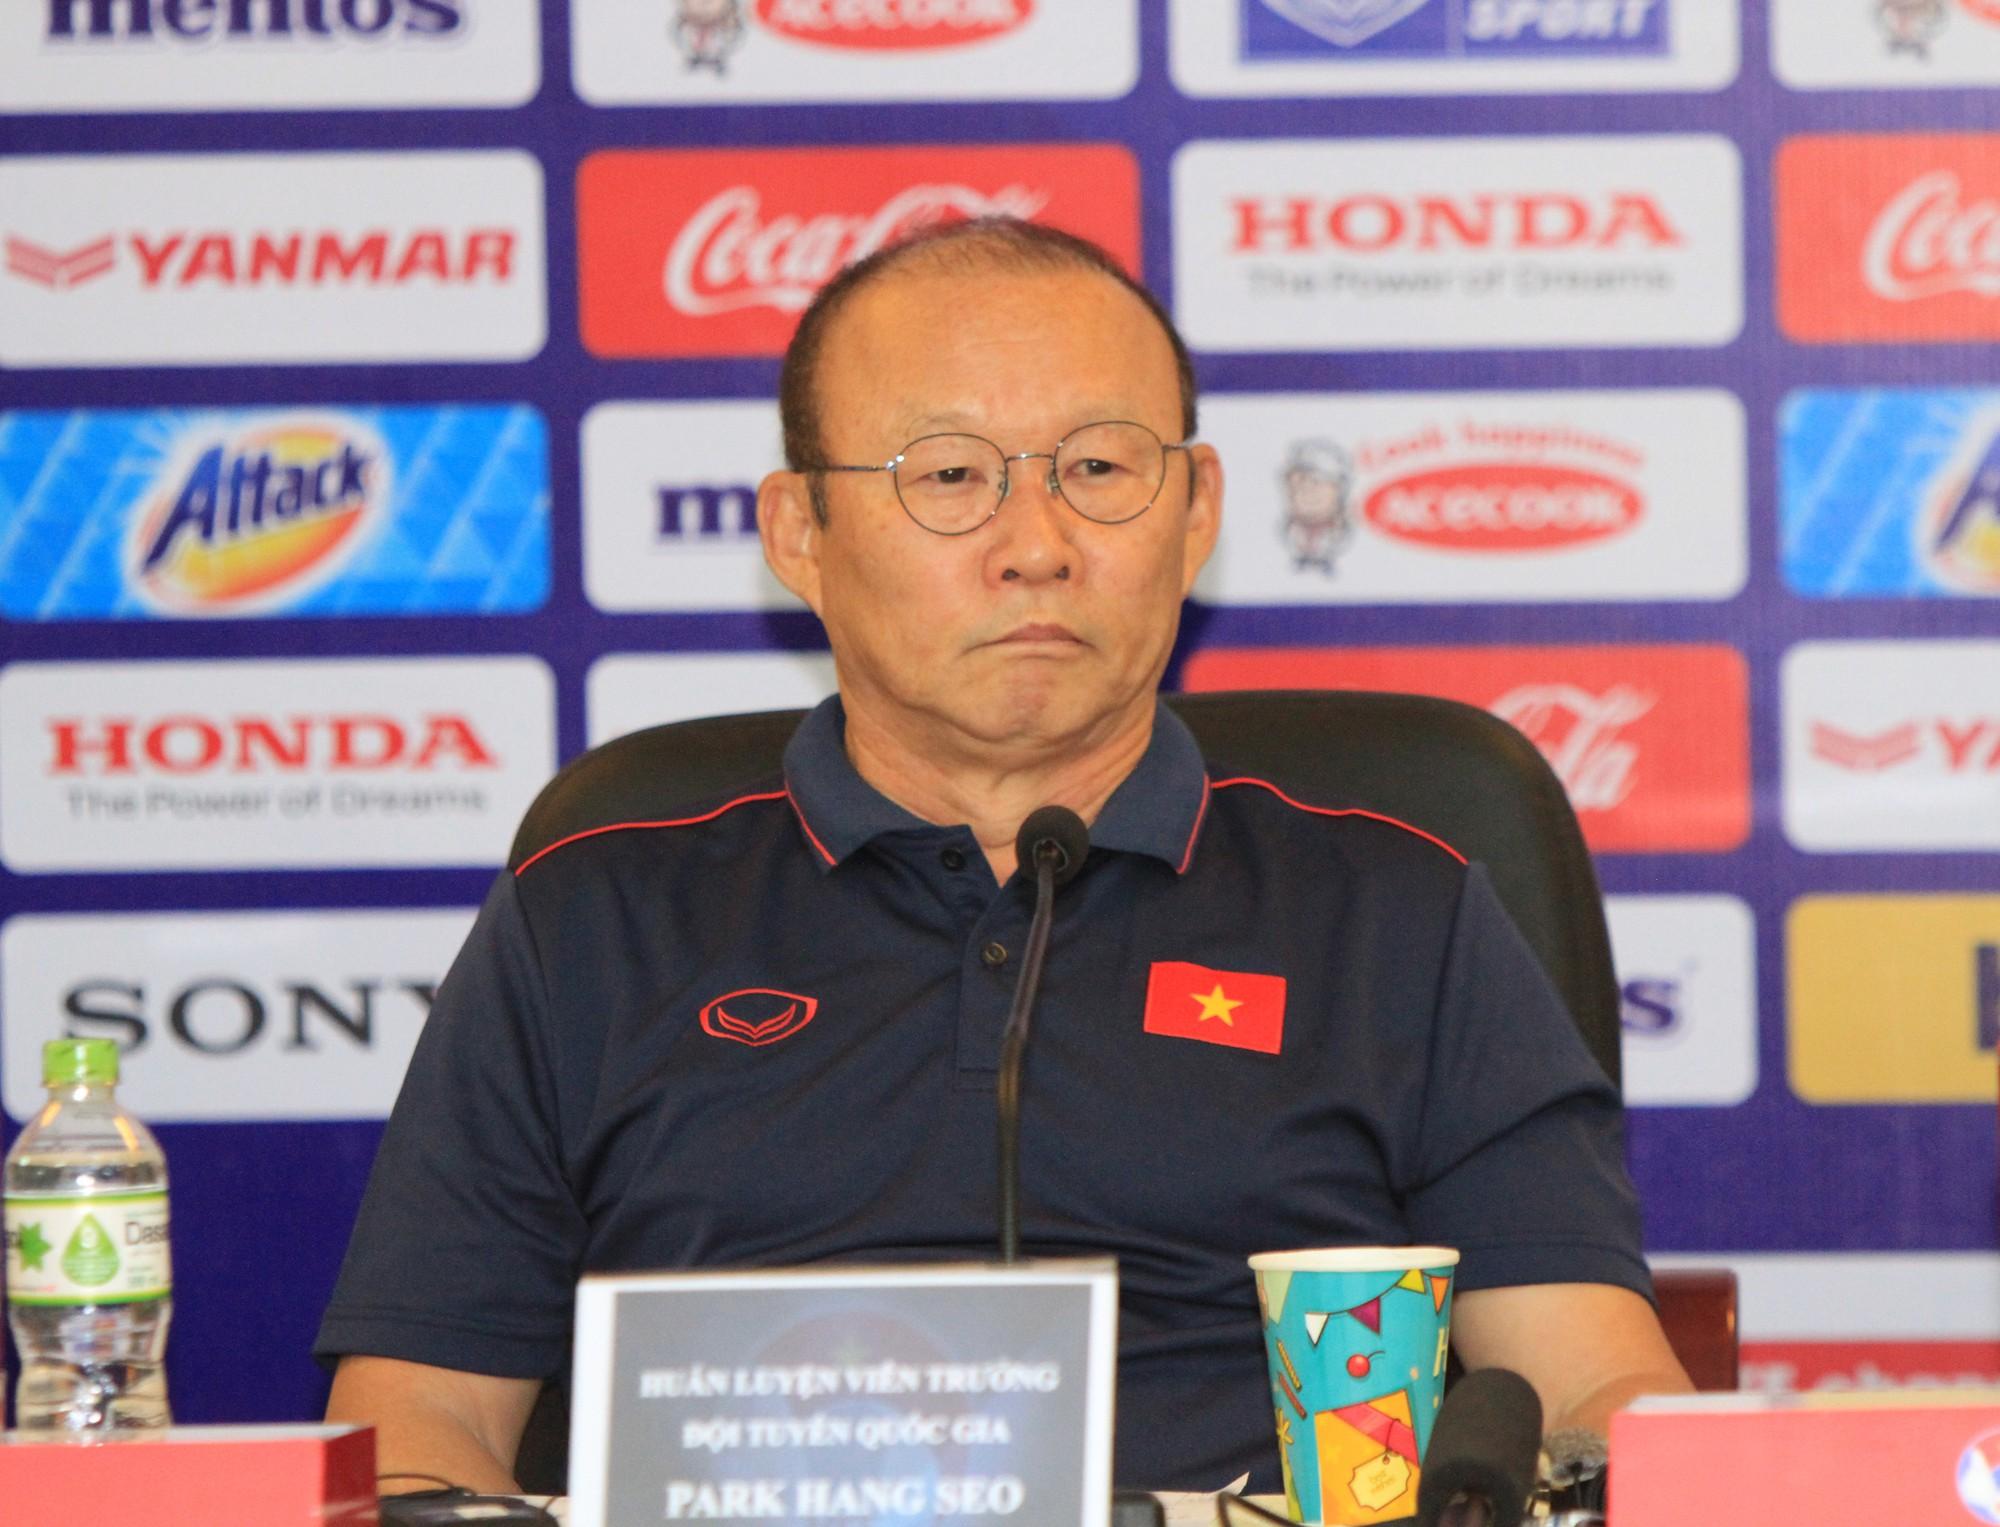 HLV Park Hang Seo: Thời điểm hiện tại, dù là Thái Lan hay bất kỳ đội nào chúng ta cũng không hề phải e ngại  - Ảnh 2.